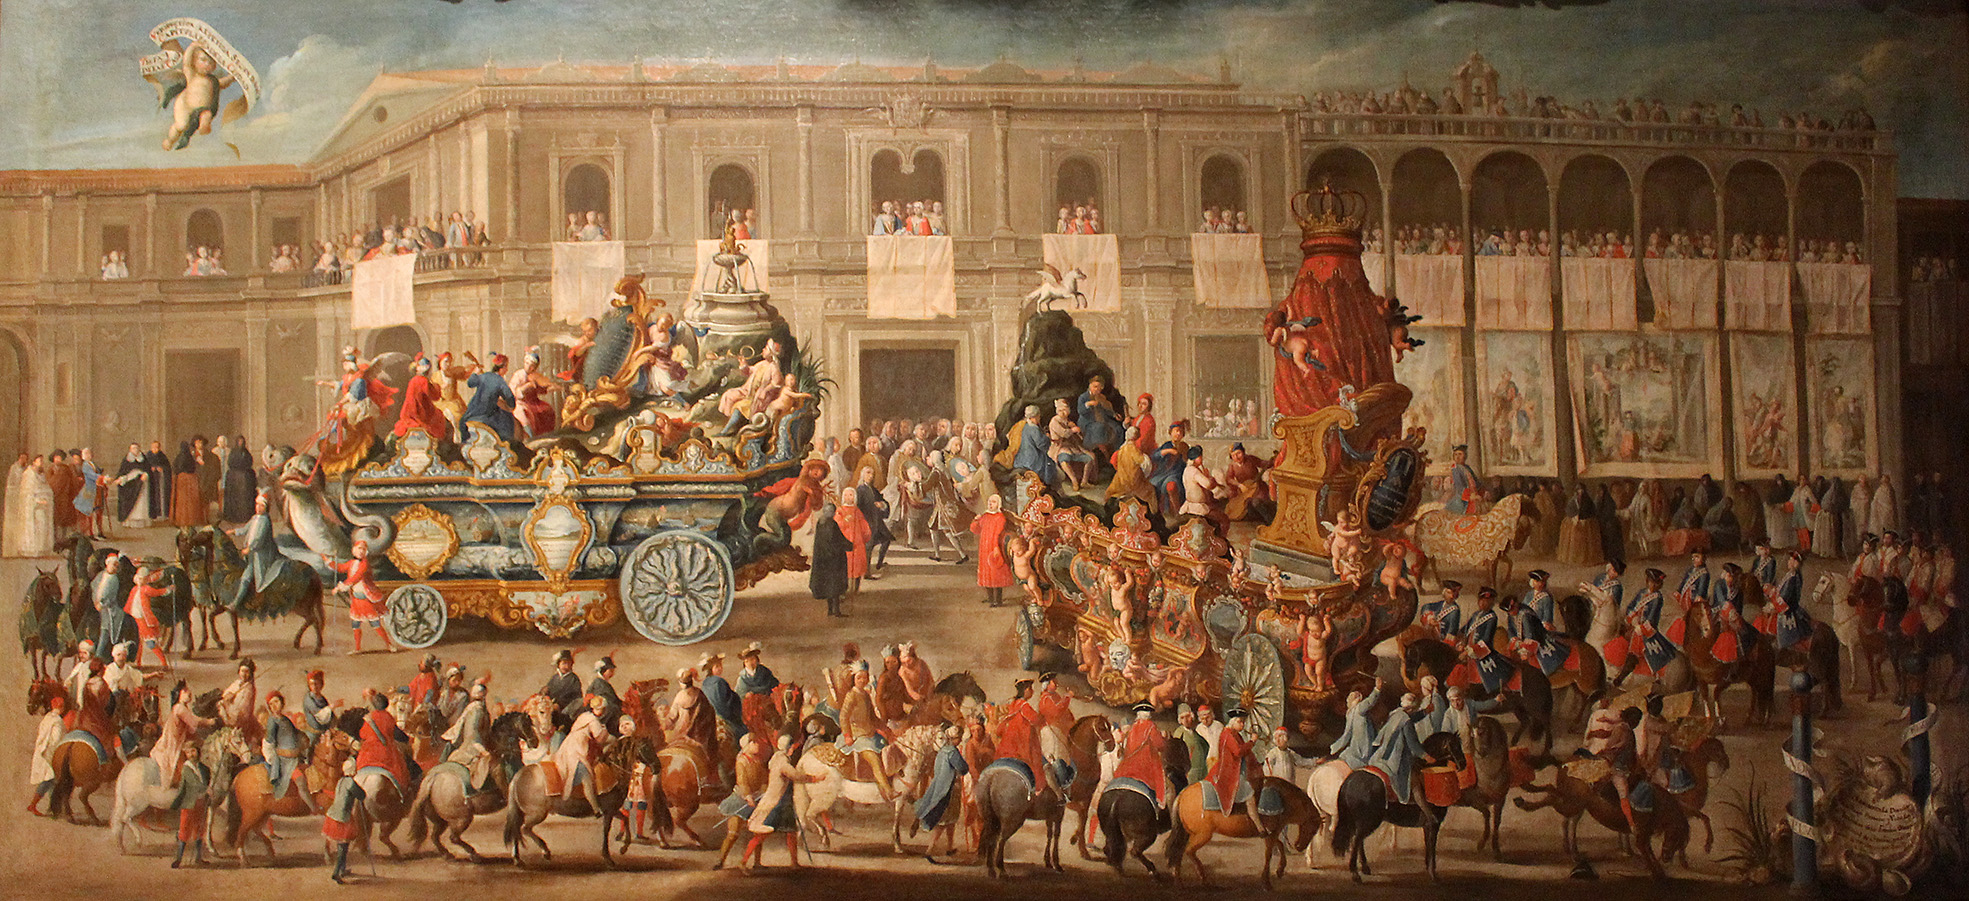 Domingo Martínez. Carro de Victor y del Parnaso. Hacia 1748. Museo de Bellas Artes. Sevilla.